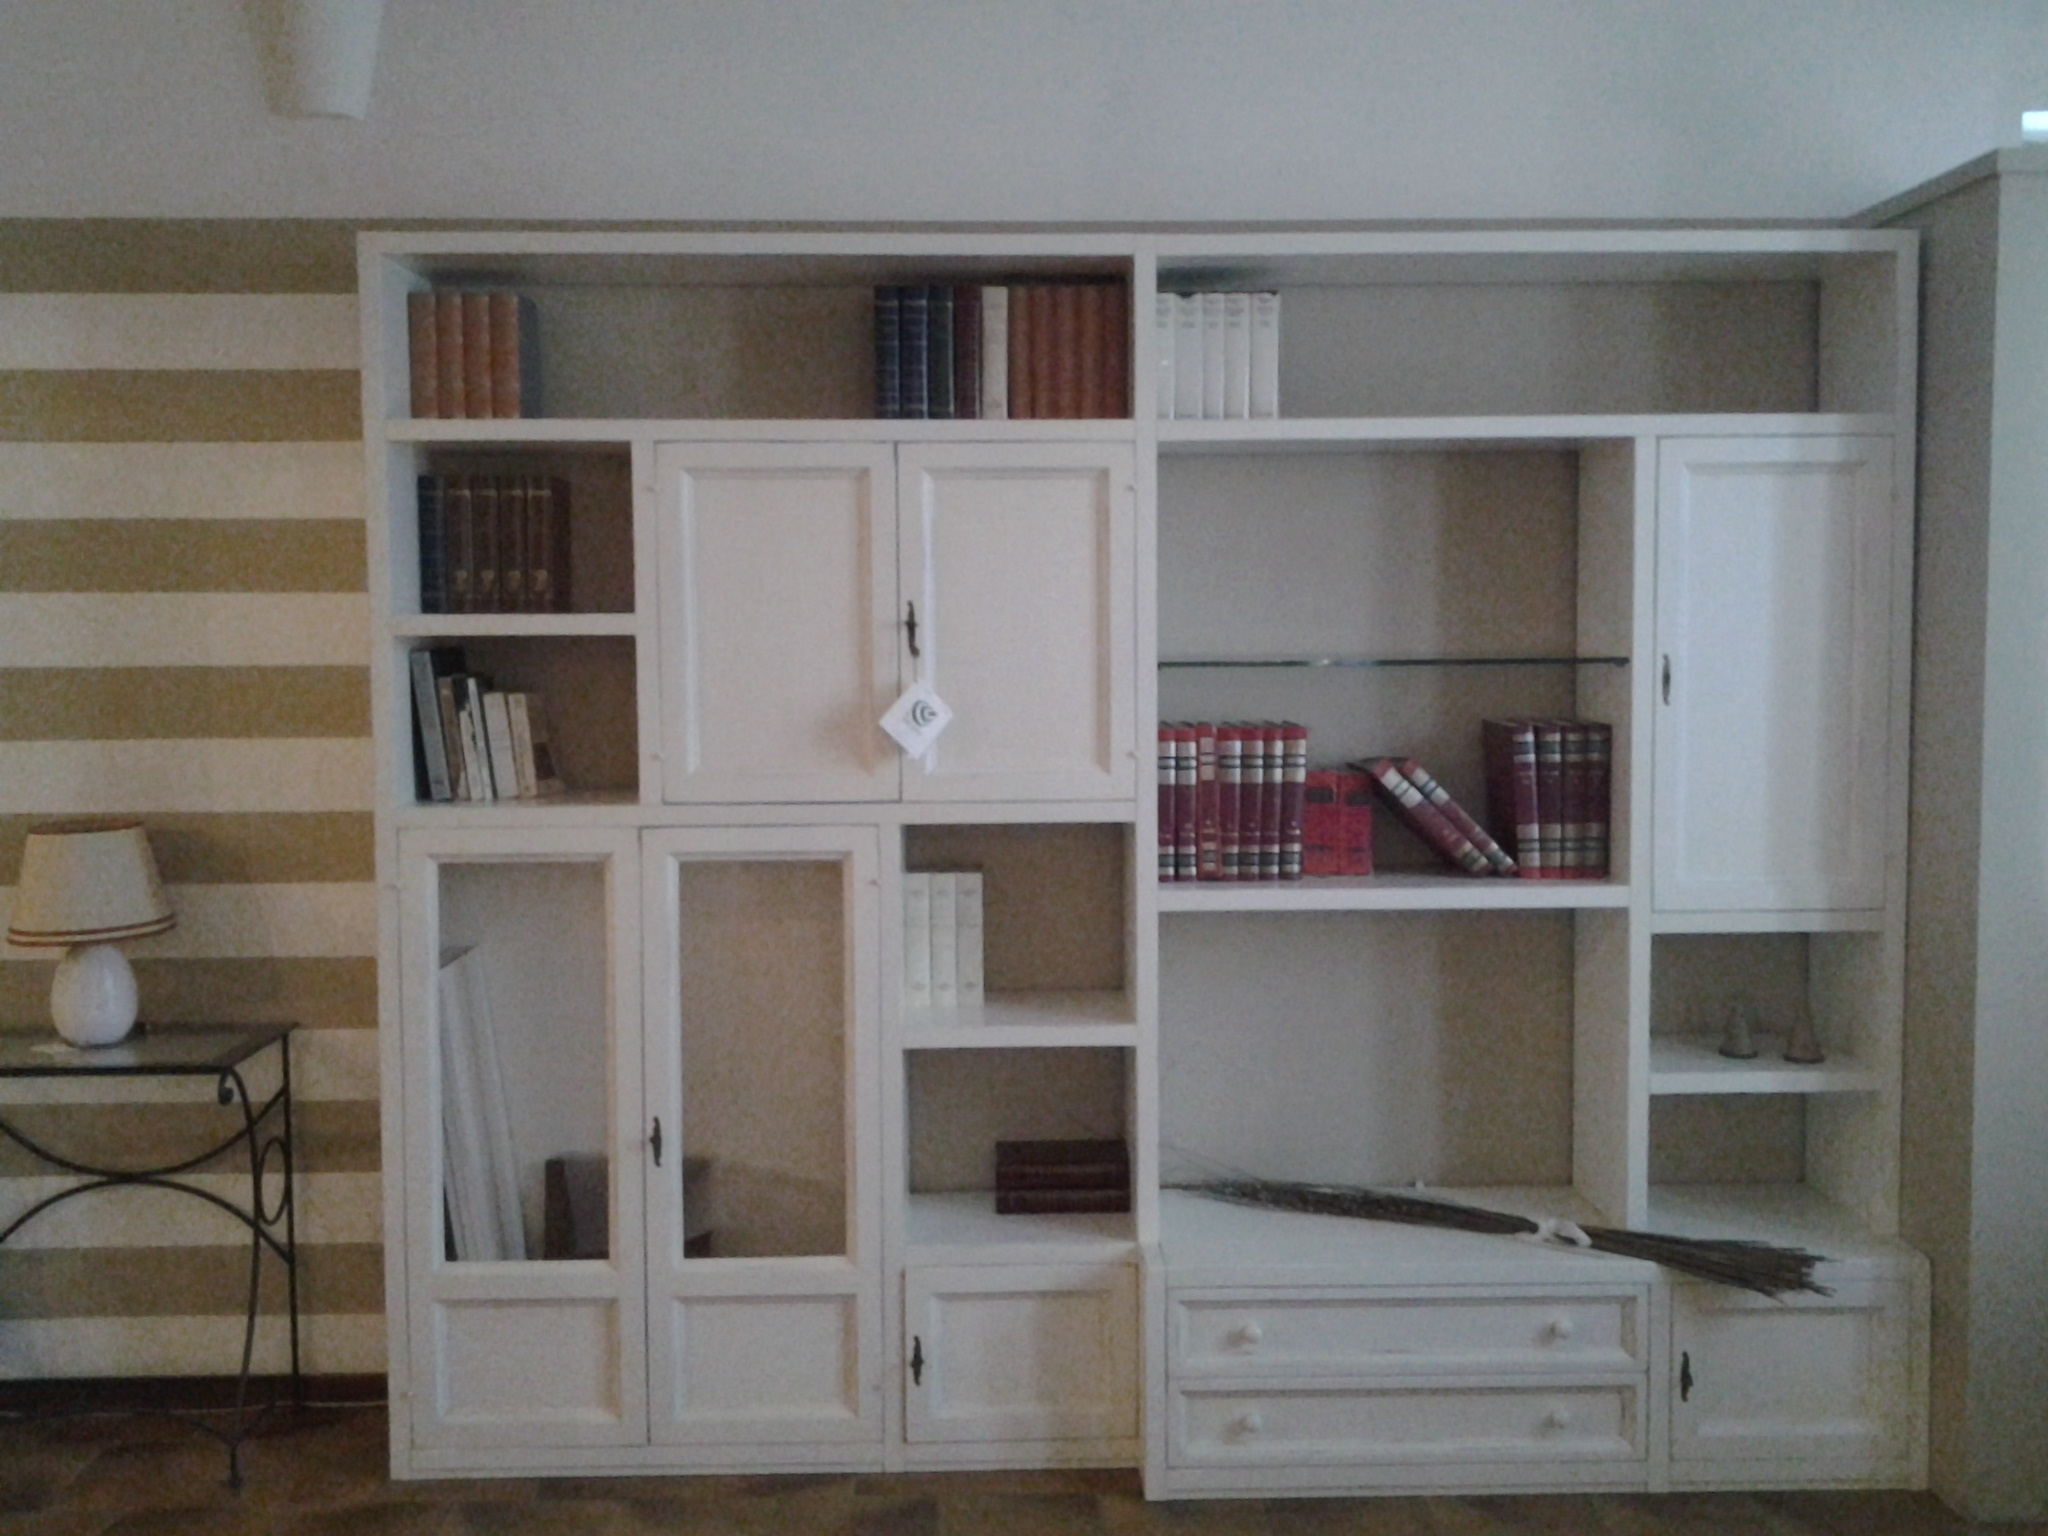 pacema soggiorno tutto legno laccato opaco pareti attrezzate ... - Parete Soggiorno Attrezzata Offerte 2